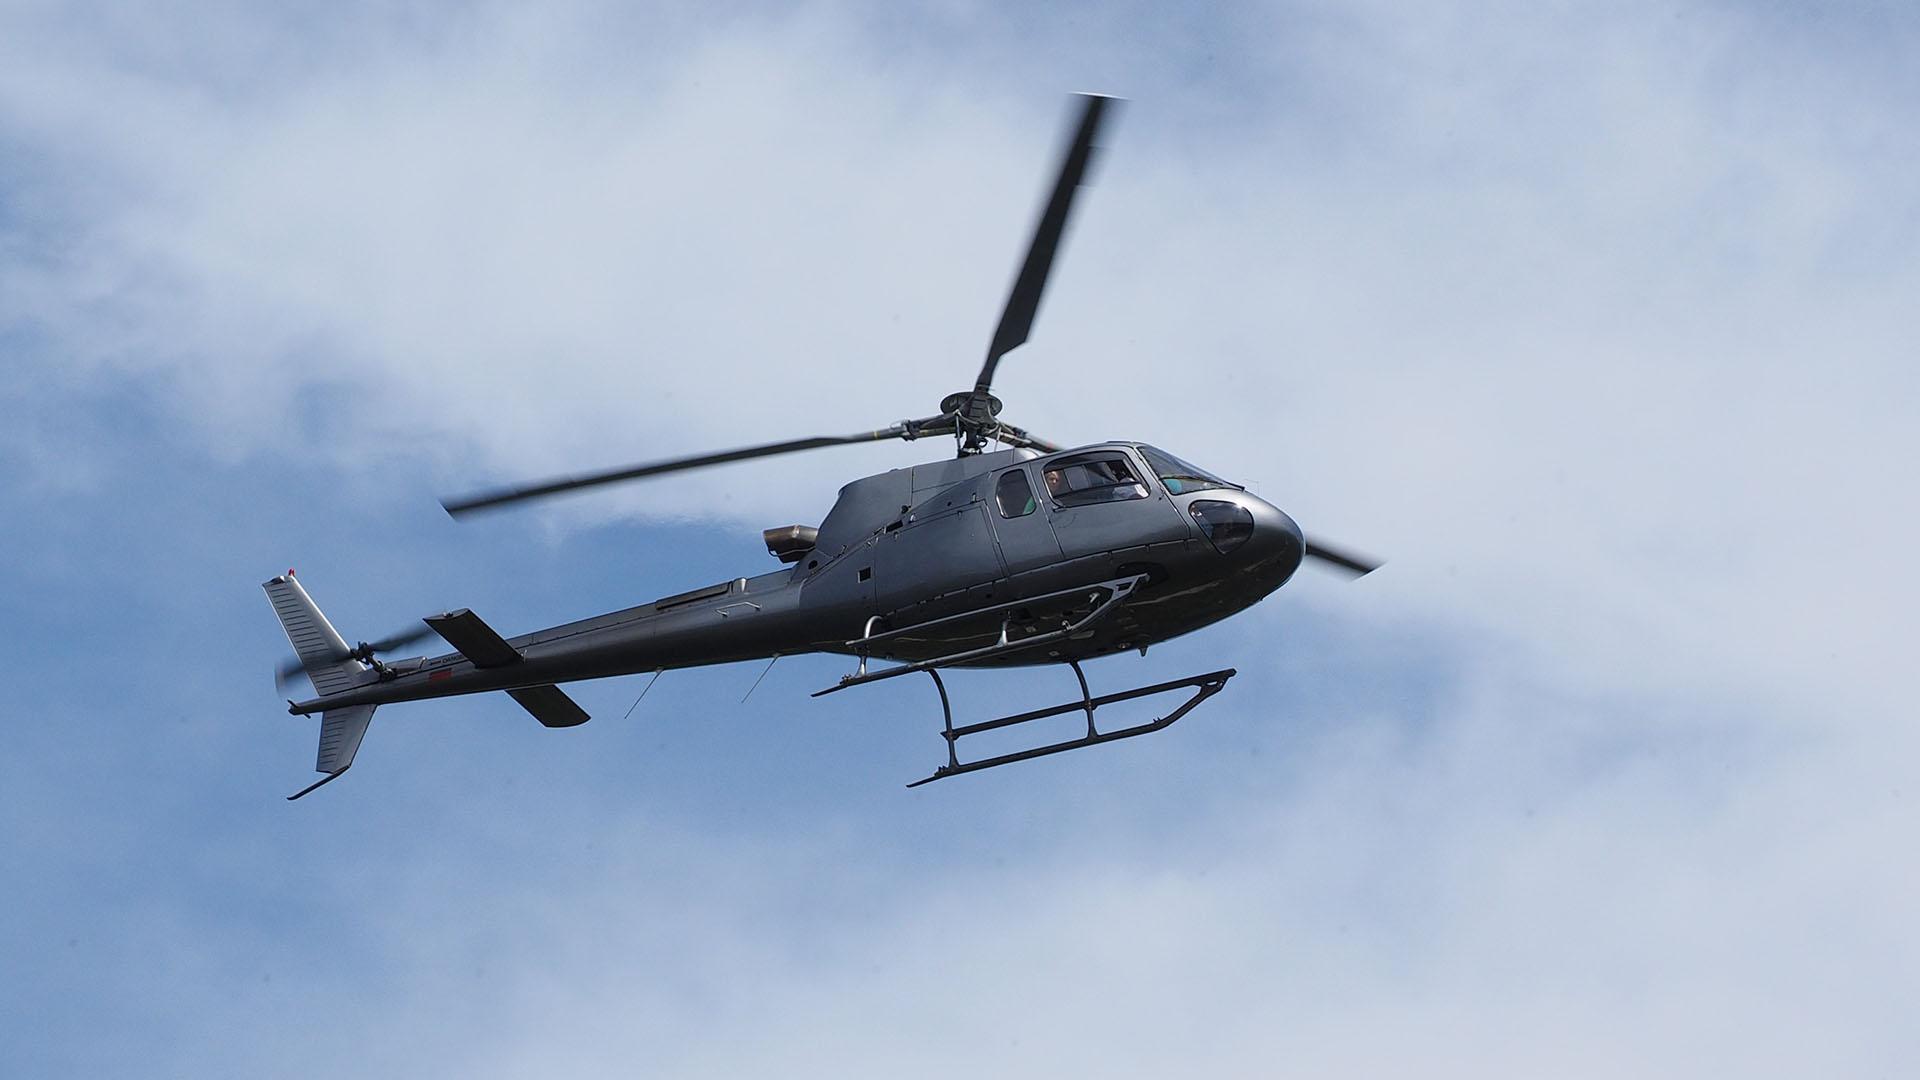 Hubschrauber unter Wolken